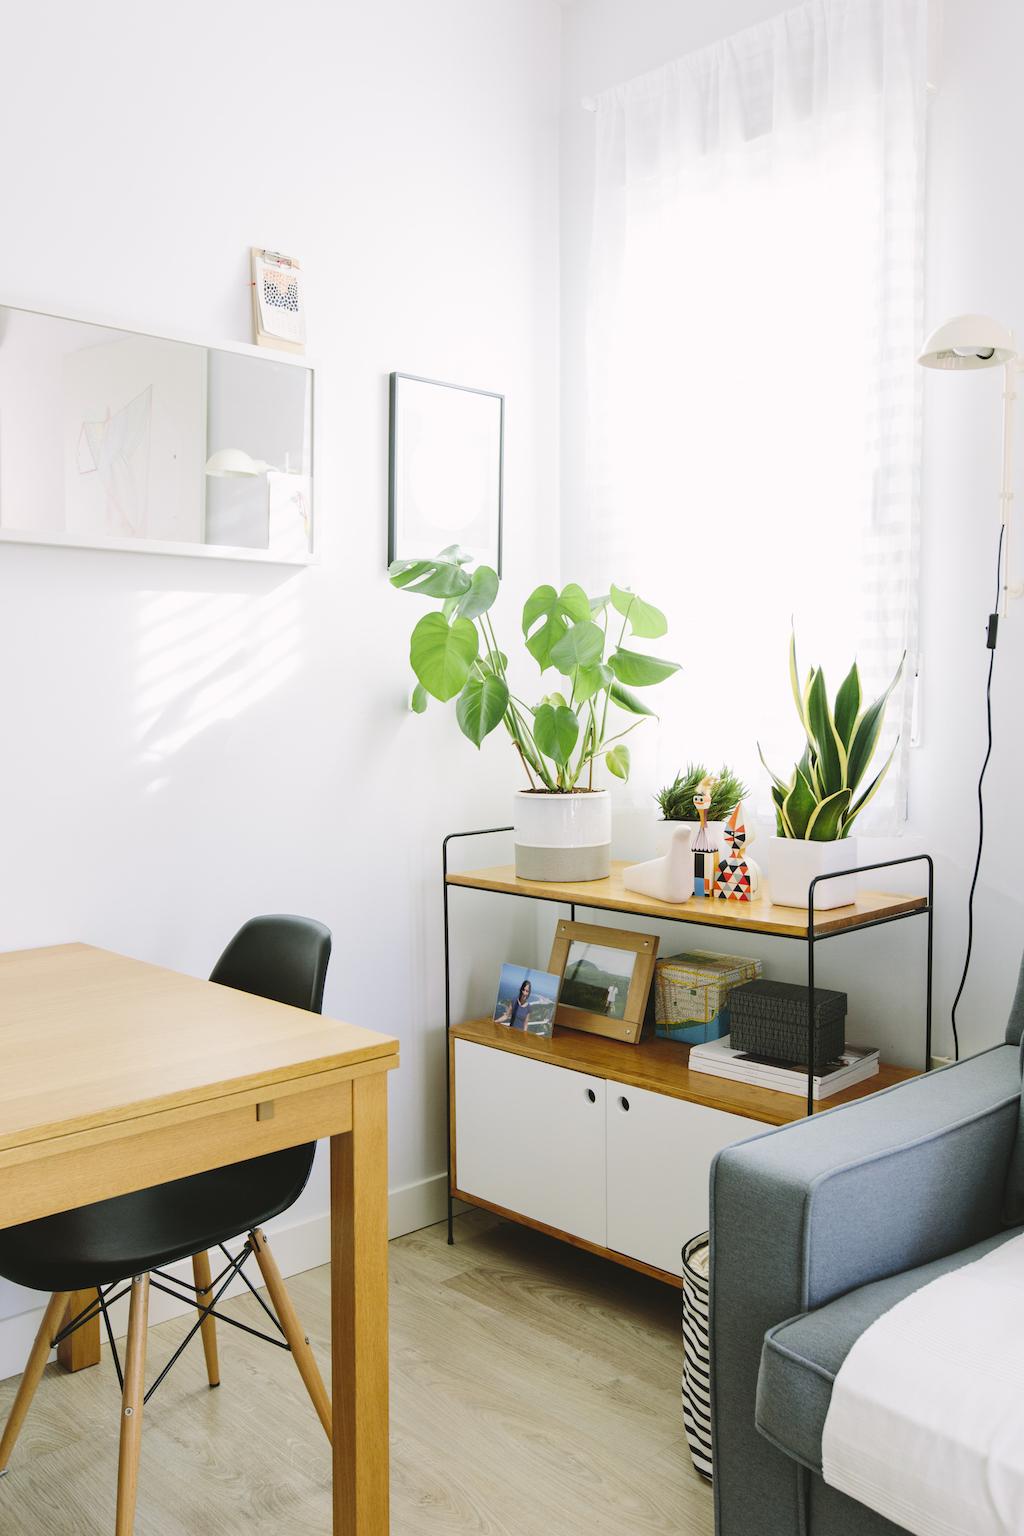 La Comunidad El Mueble De Varillas De M Nica Picapino # Muebles Roqueros